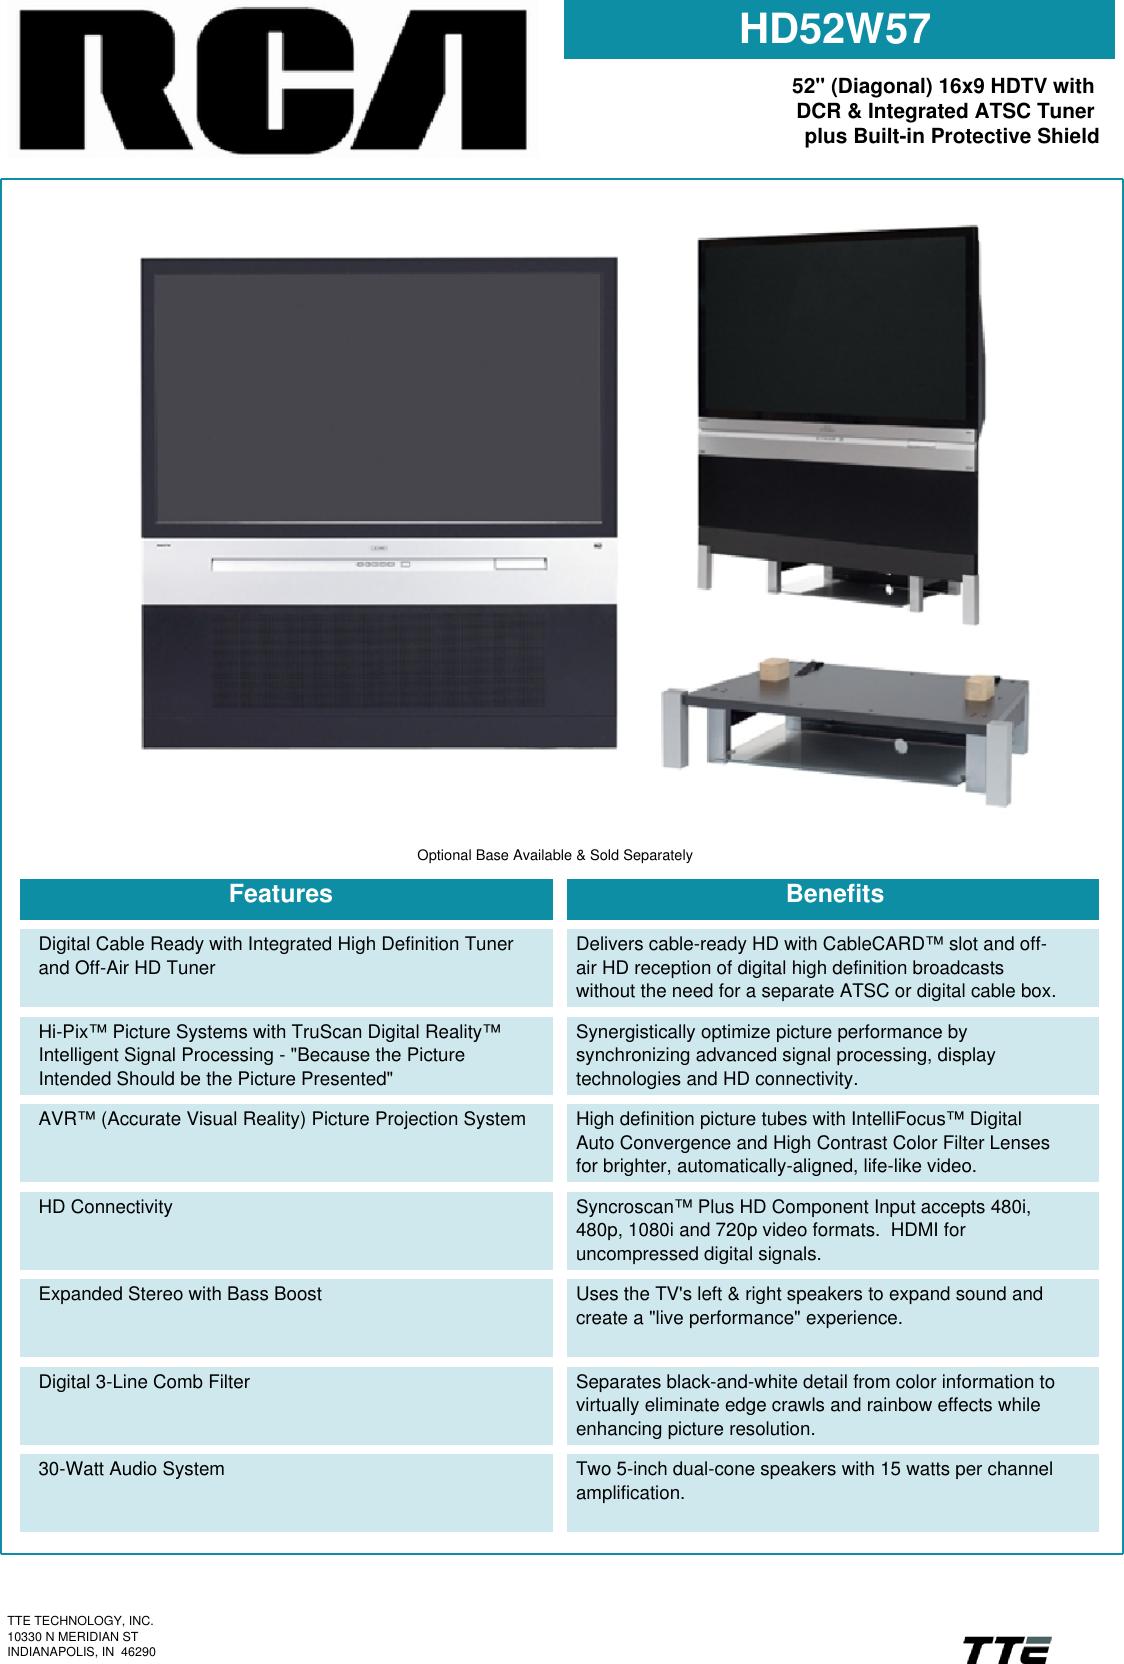 Rca Hd52W57 Users Manual